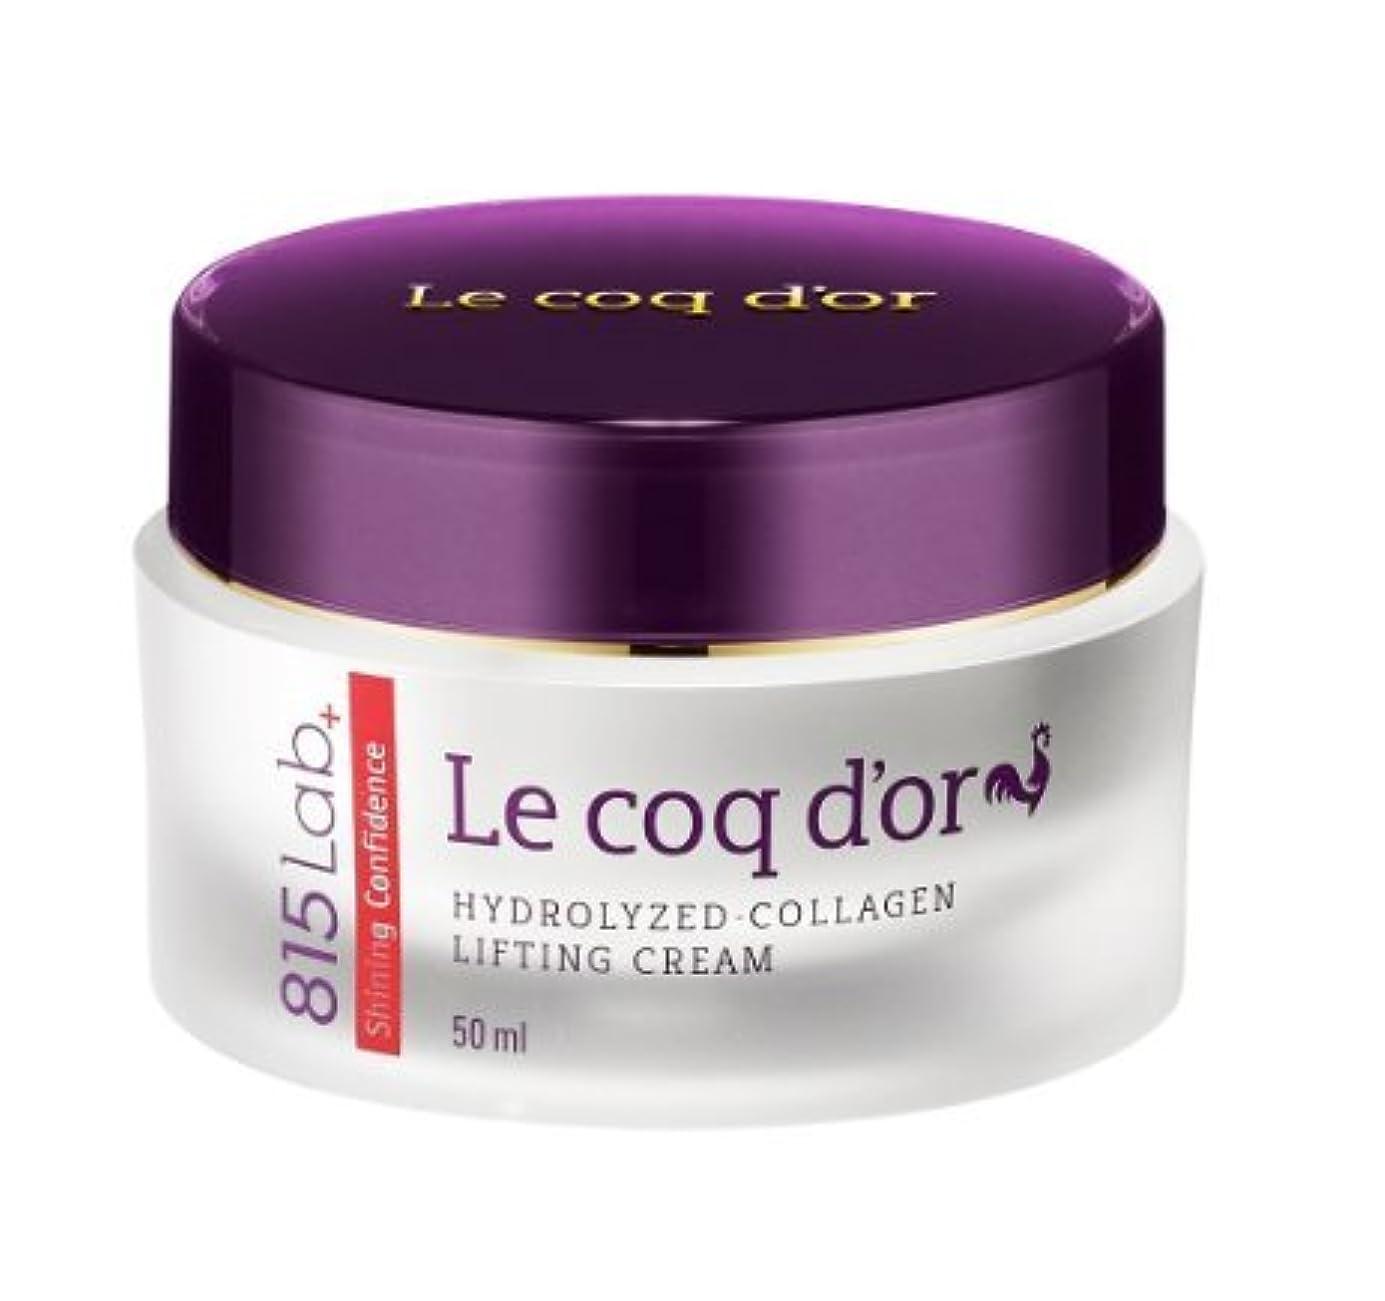 誓約慣れる自宅でONEFACE Le coq d'or Hydrolyzed -Collagen Lifting Cream (50ml) [並行輸入品]